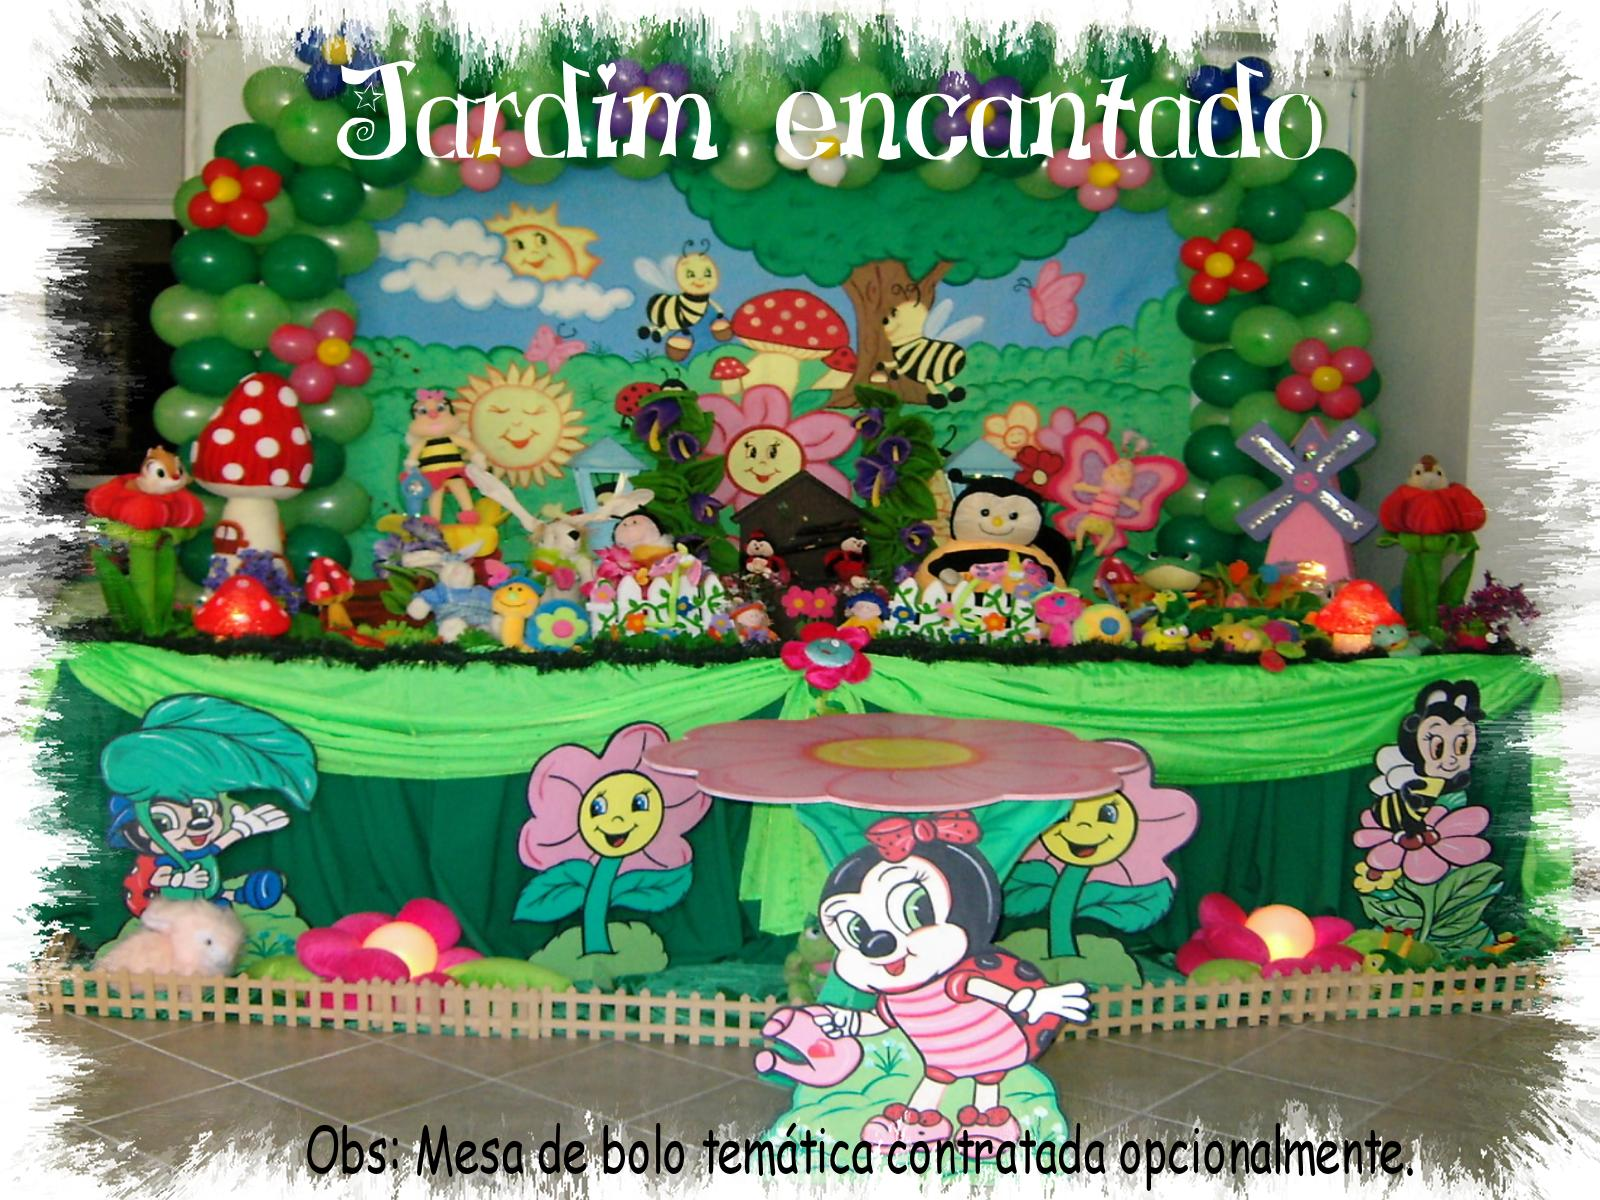 decoracao infantil tema jardim encantado:Atelier Doces Sonhos Festas: Decoração Tema Jardim Encantado